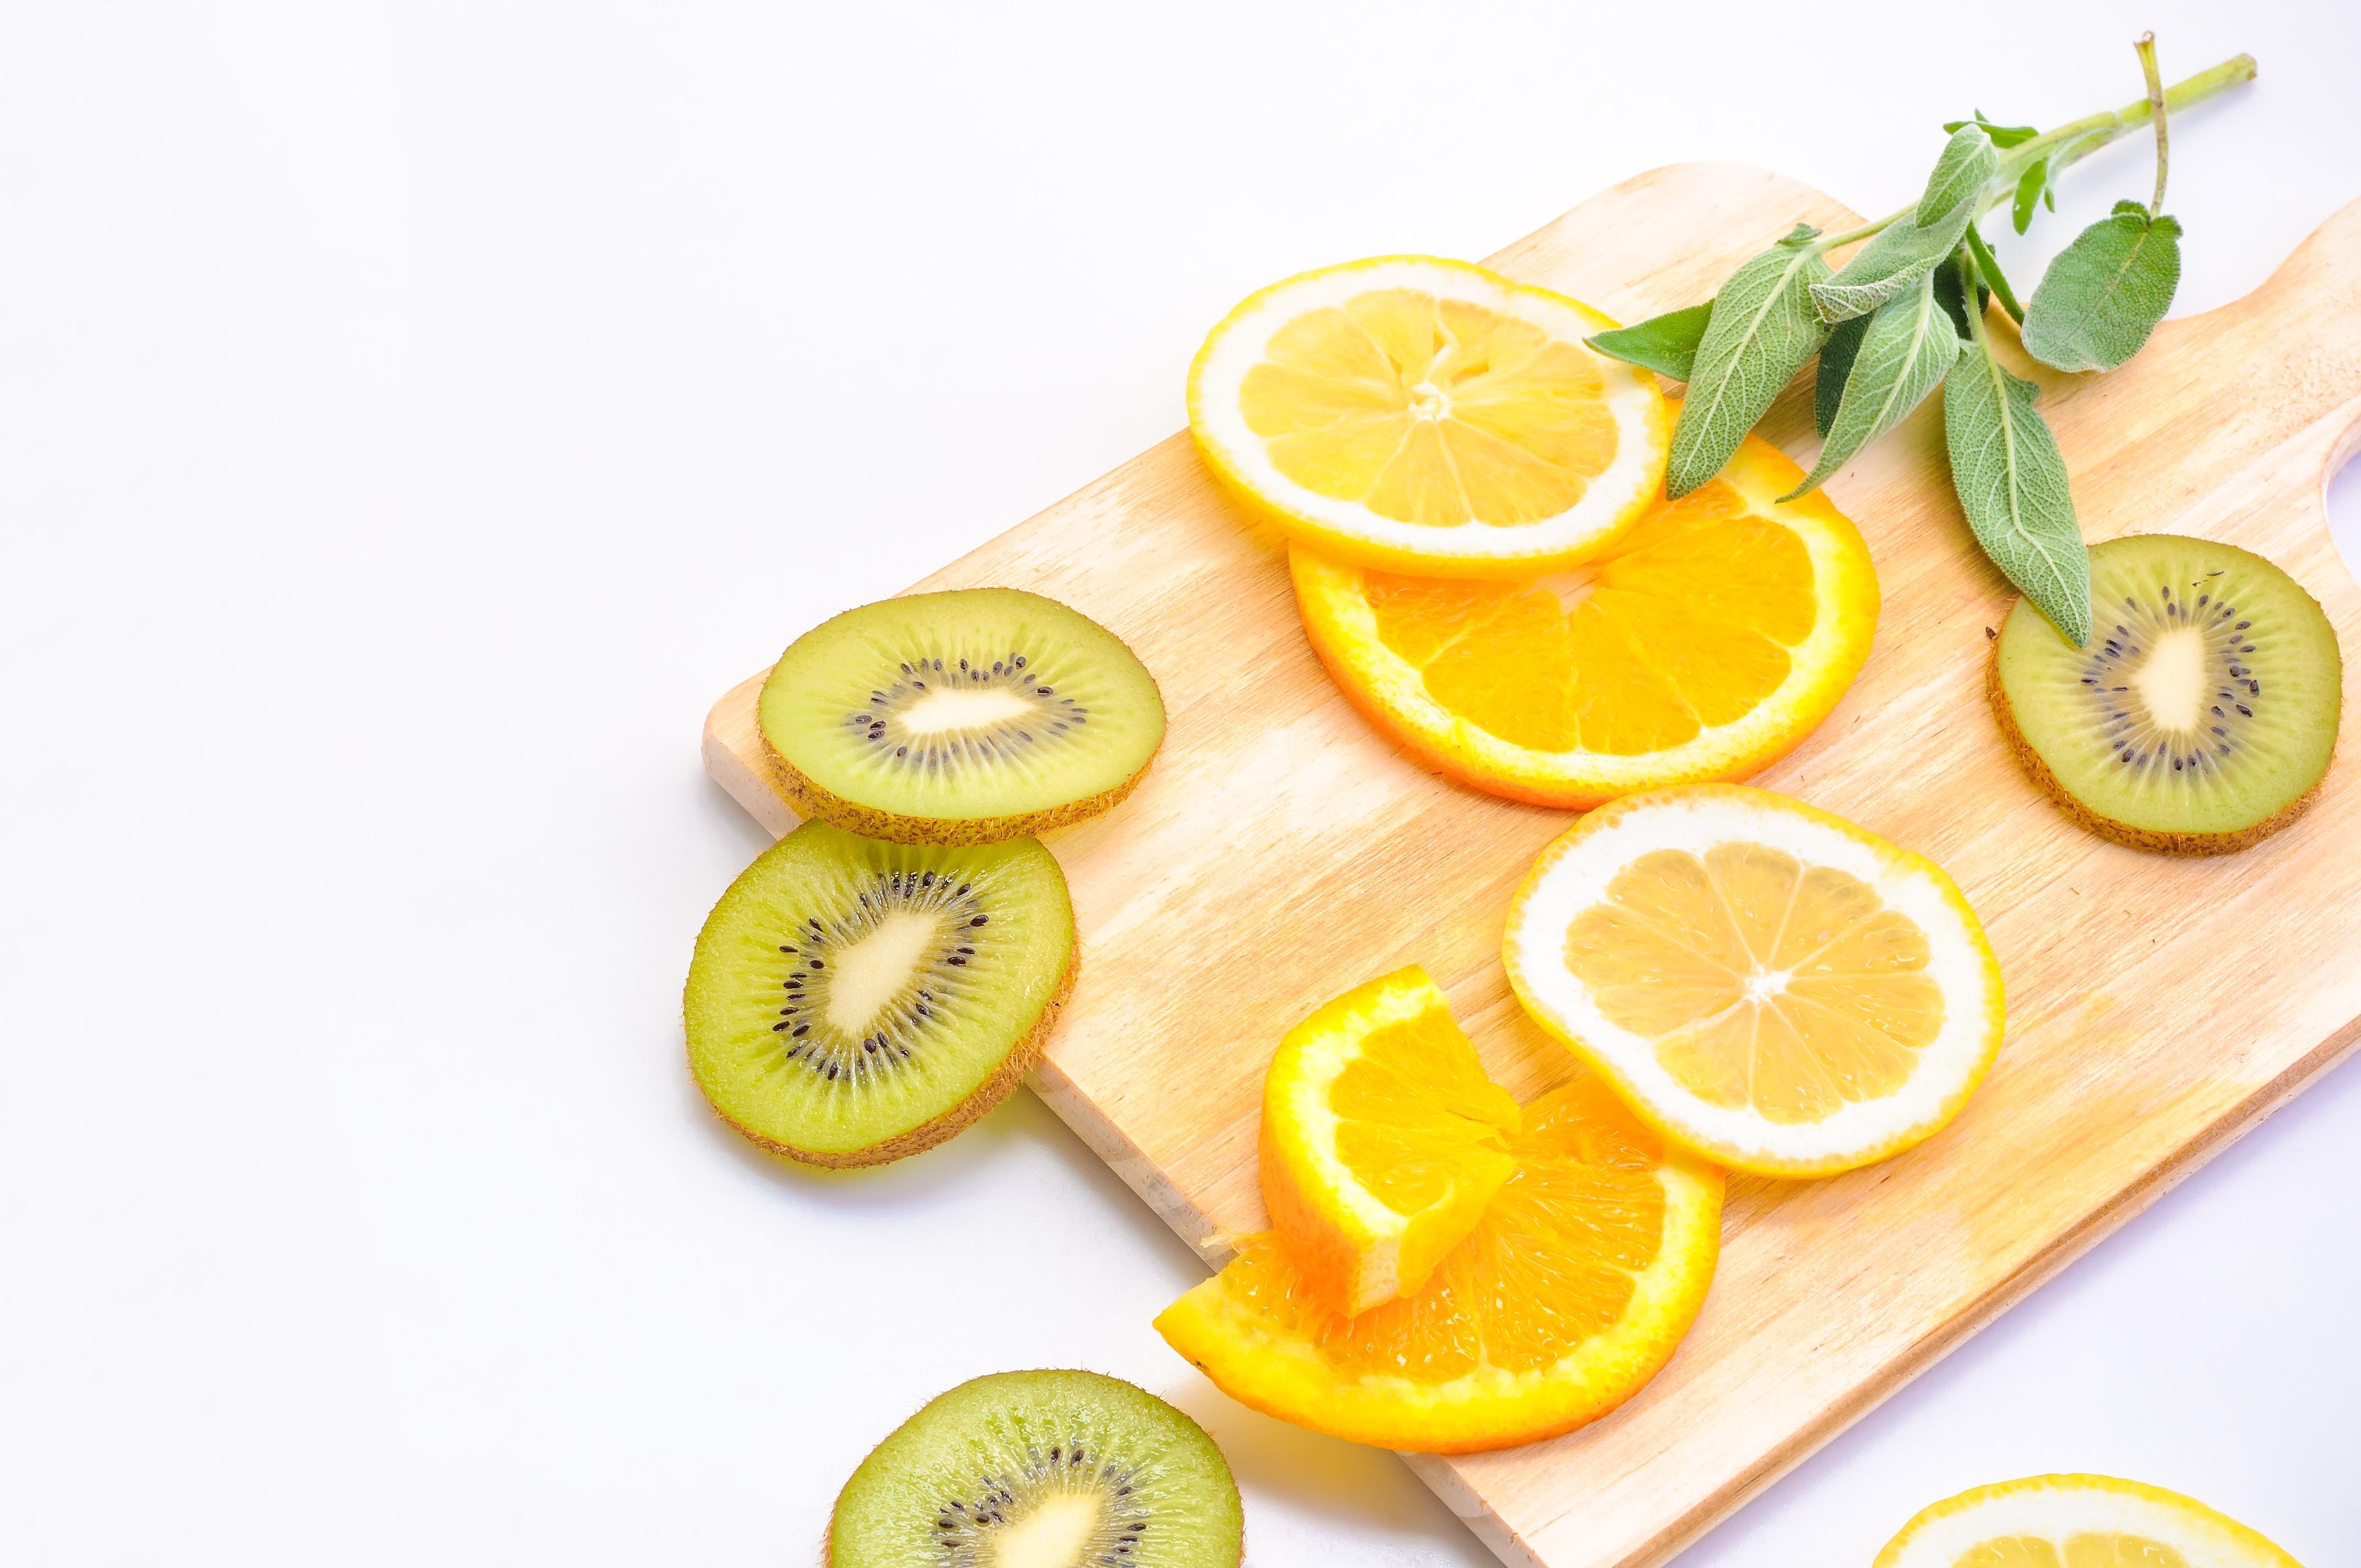 レモンとキウイフルーツのカット